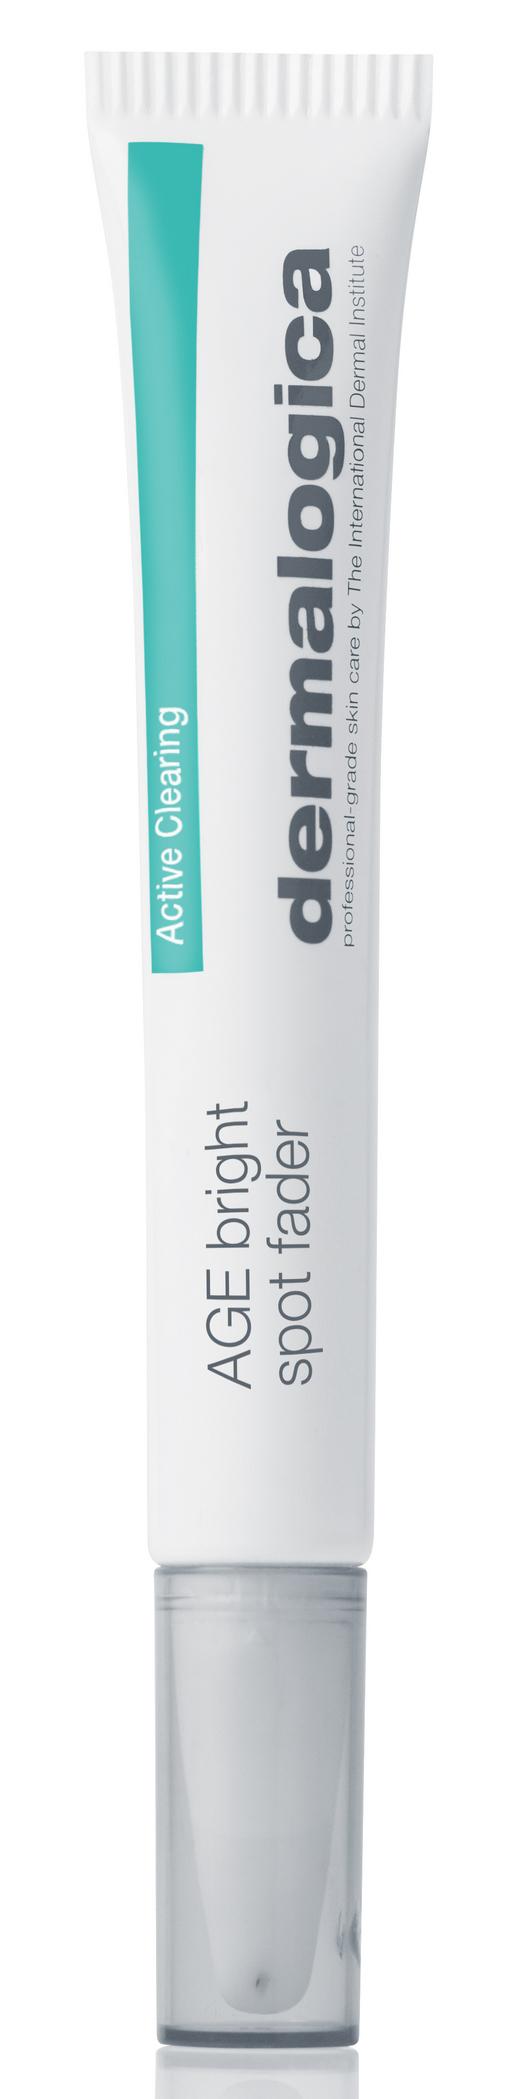 Купить DERMALOGICA Корректор антивозрастной очищающий / Age Bright Spot Fider Active Clearing 15 мл